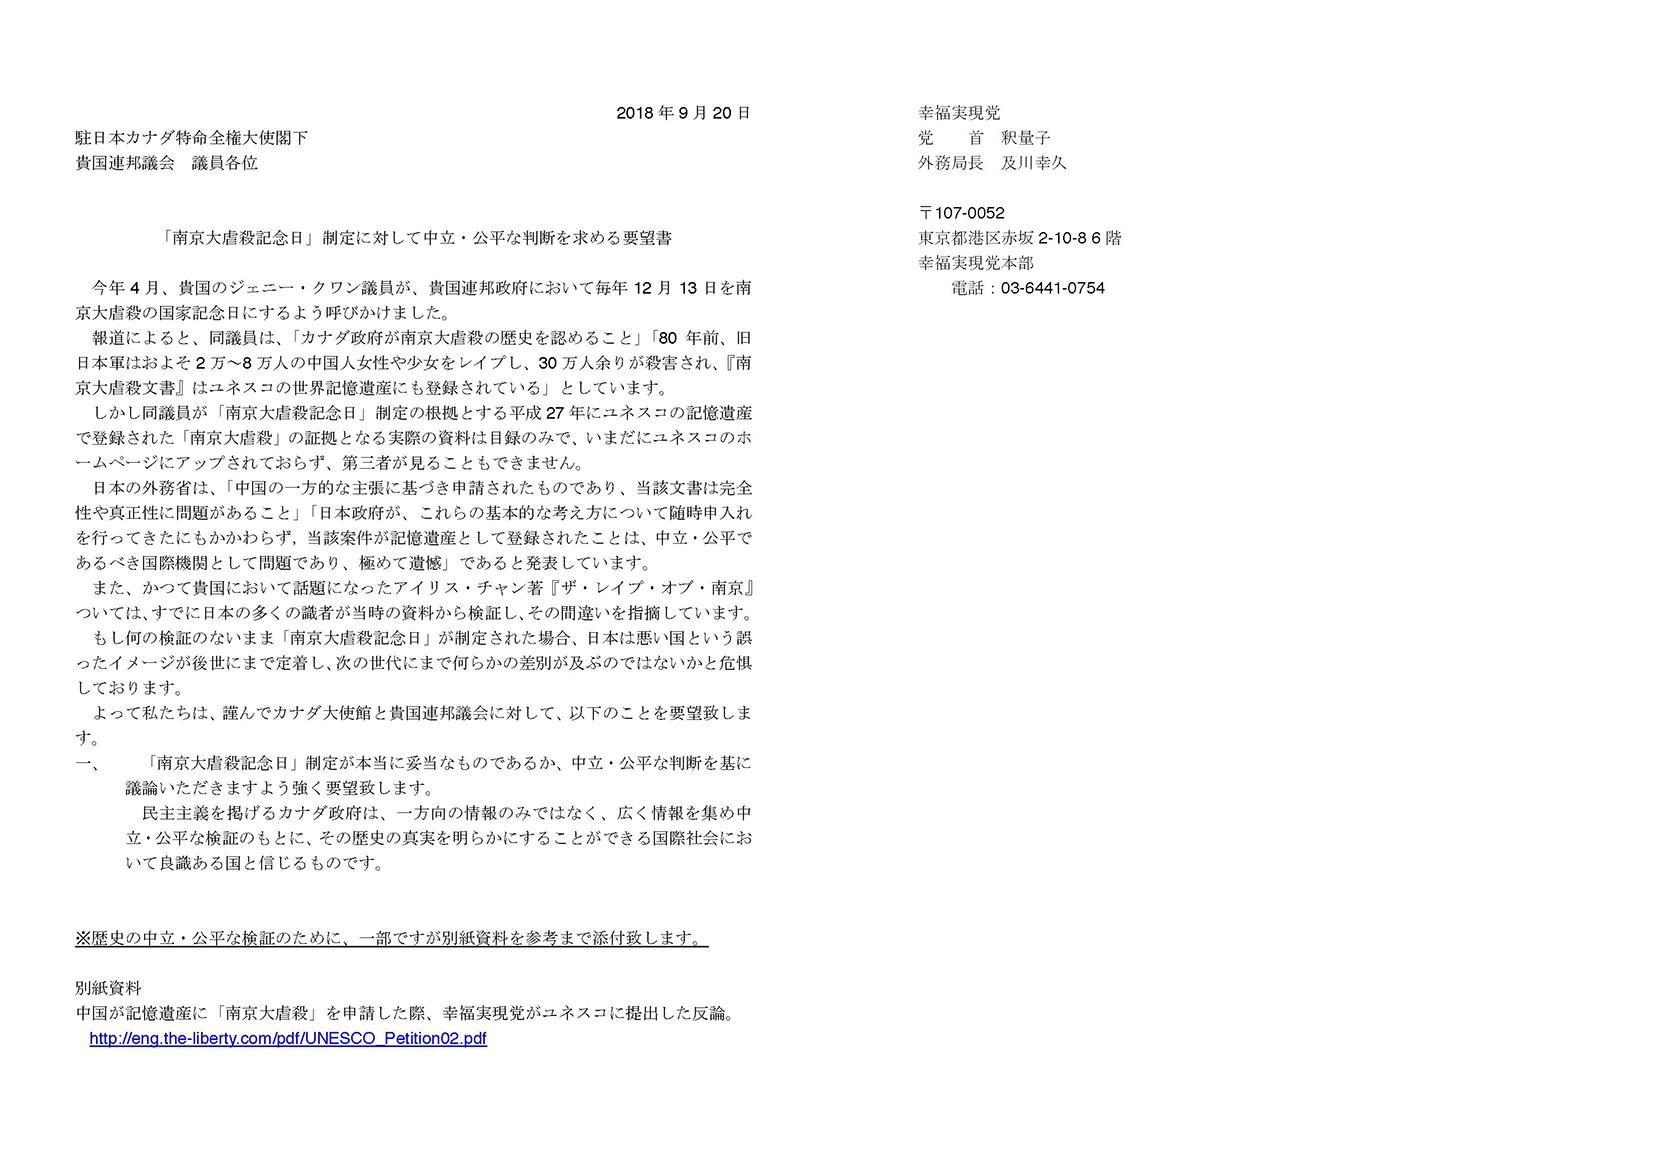 カナダ大使館へ要望書提出